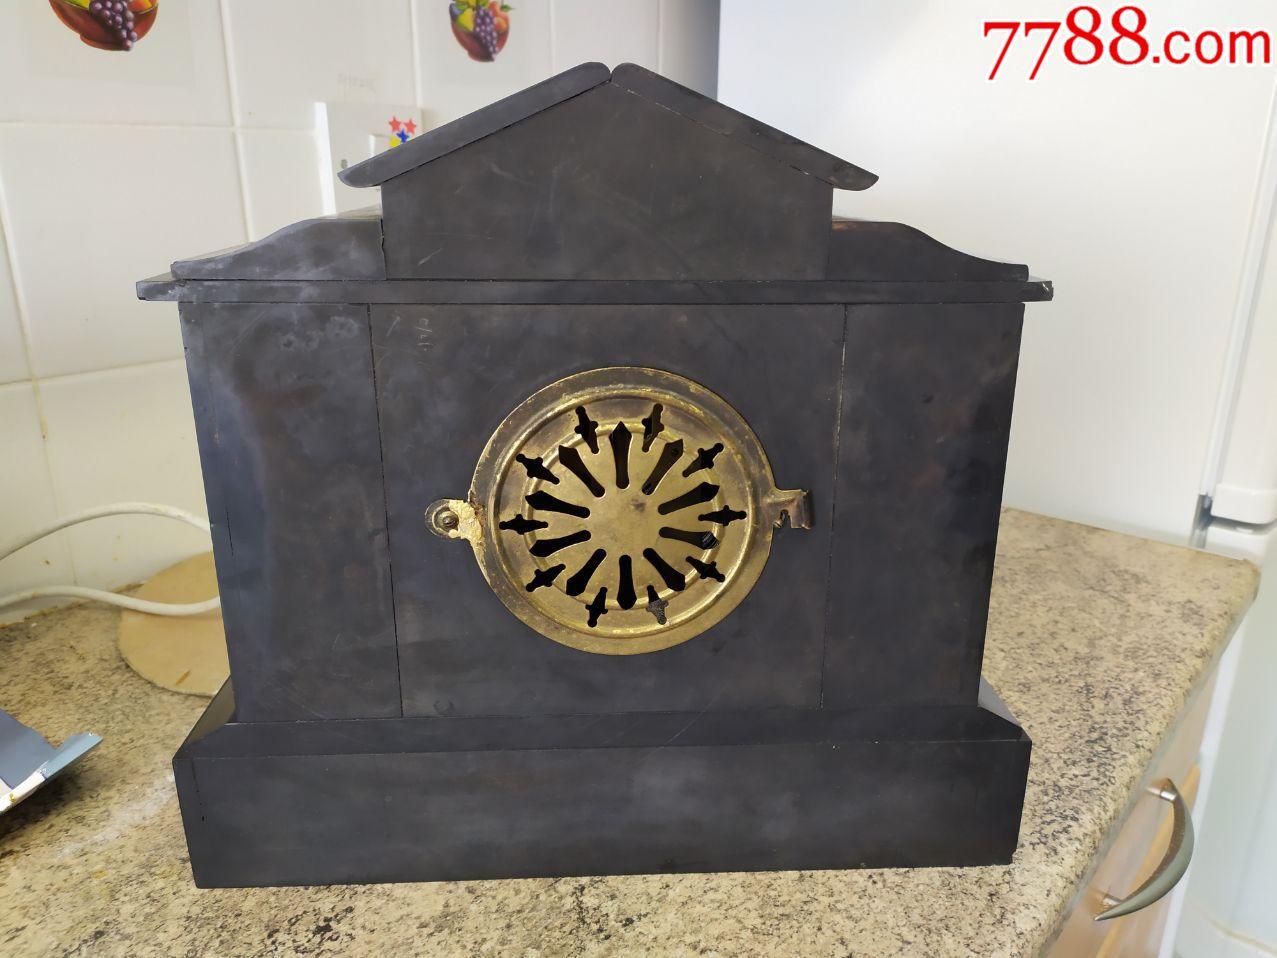 美国古董大理石座钟,英国邮寄,大理石钟壳免费赠送,邮费另计!